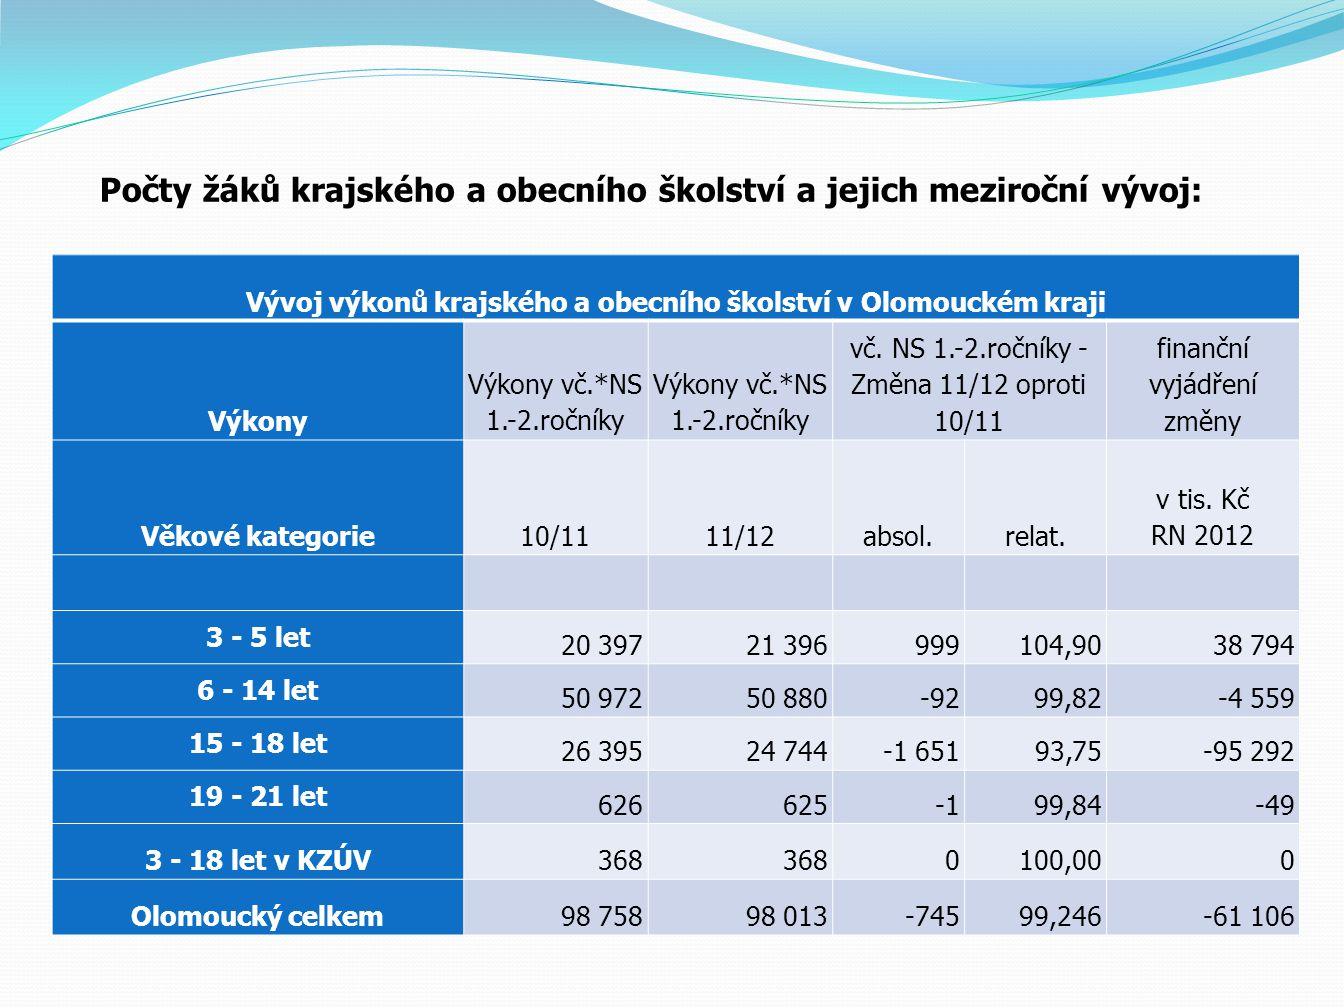 Počty žáků krajského a obecního školství a jejich meziroční vývoj: Vývoj výkonů krajského a obecního školství v Olomouckém kraji Výkony Výkony vč.*NS 1.-2.ročníky vč.